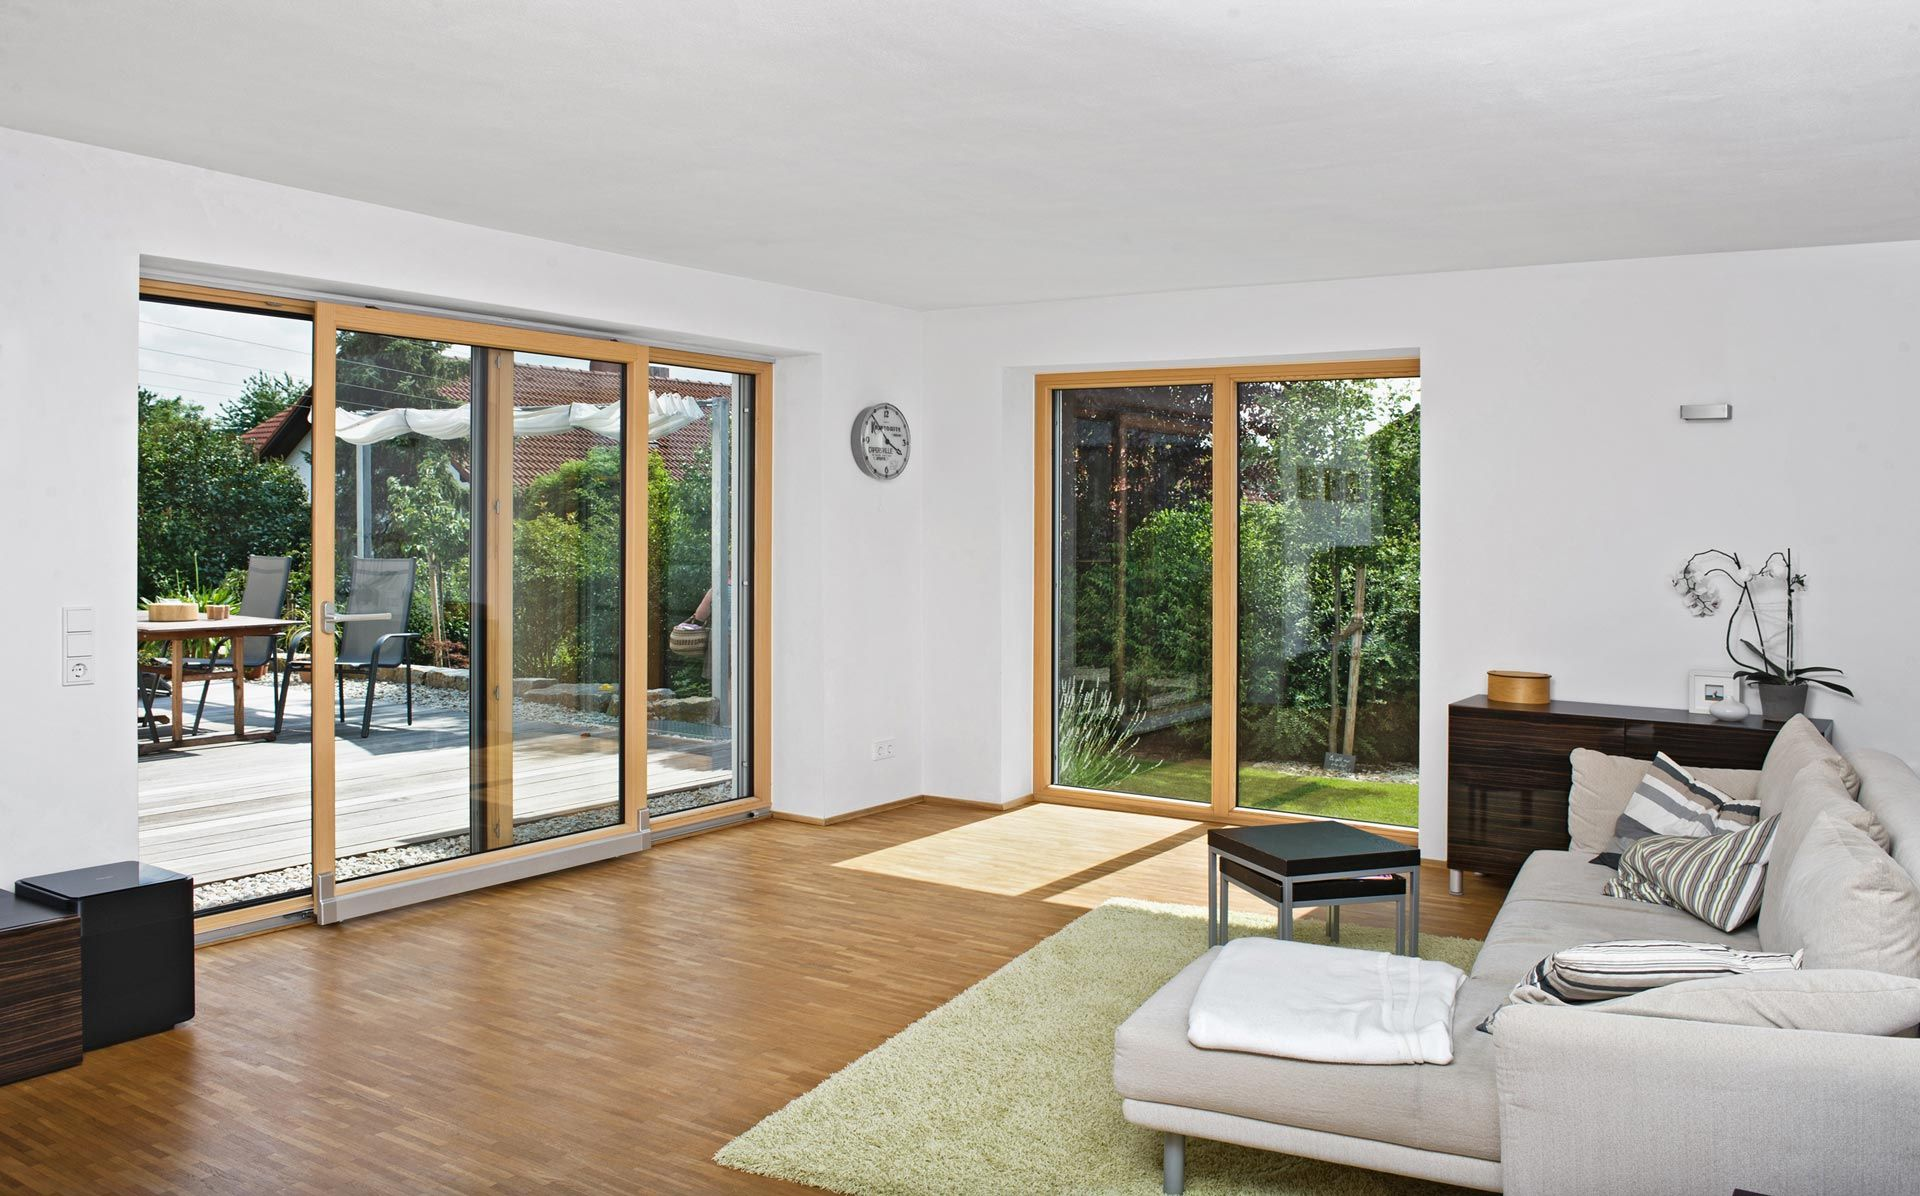 pin von florian plag auf wohnen pinterest fenster alu fenster und fenster holz. Black Bedroom Furniture Sets. Home Design Ideas